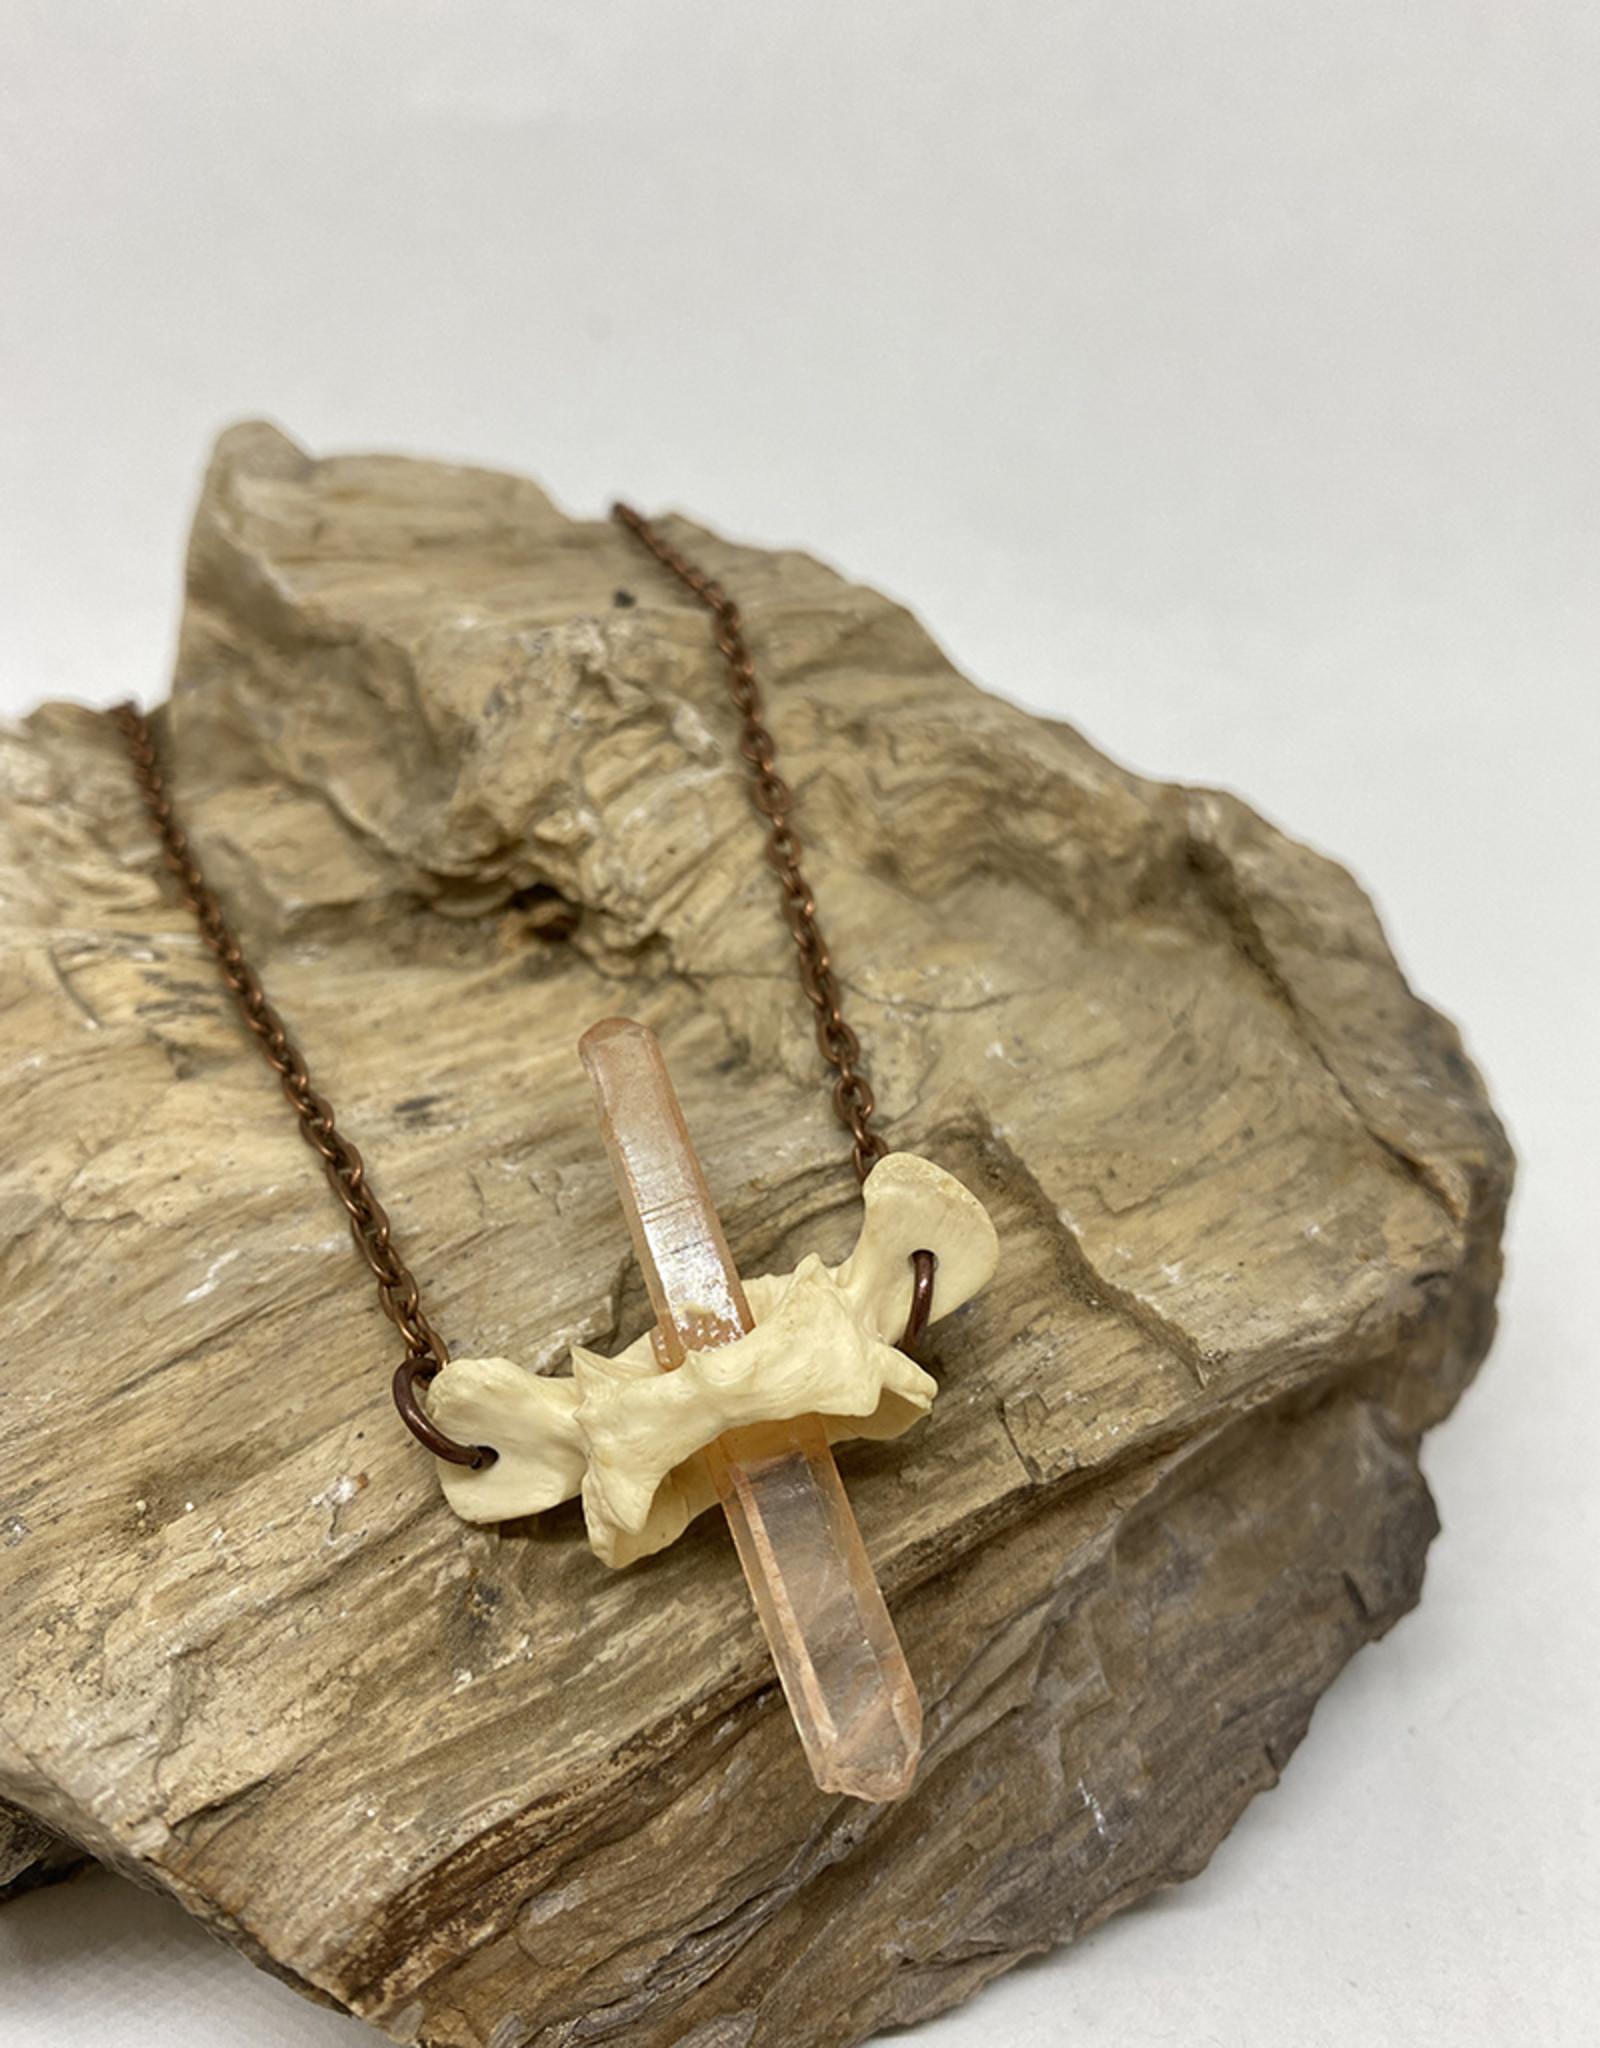 Perilin Jewelry Sacrum & Quartz Necklace by Perilin Jewelry